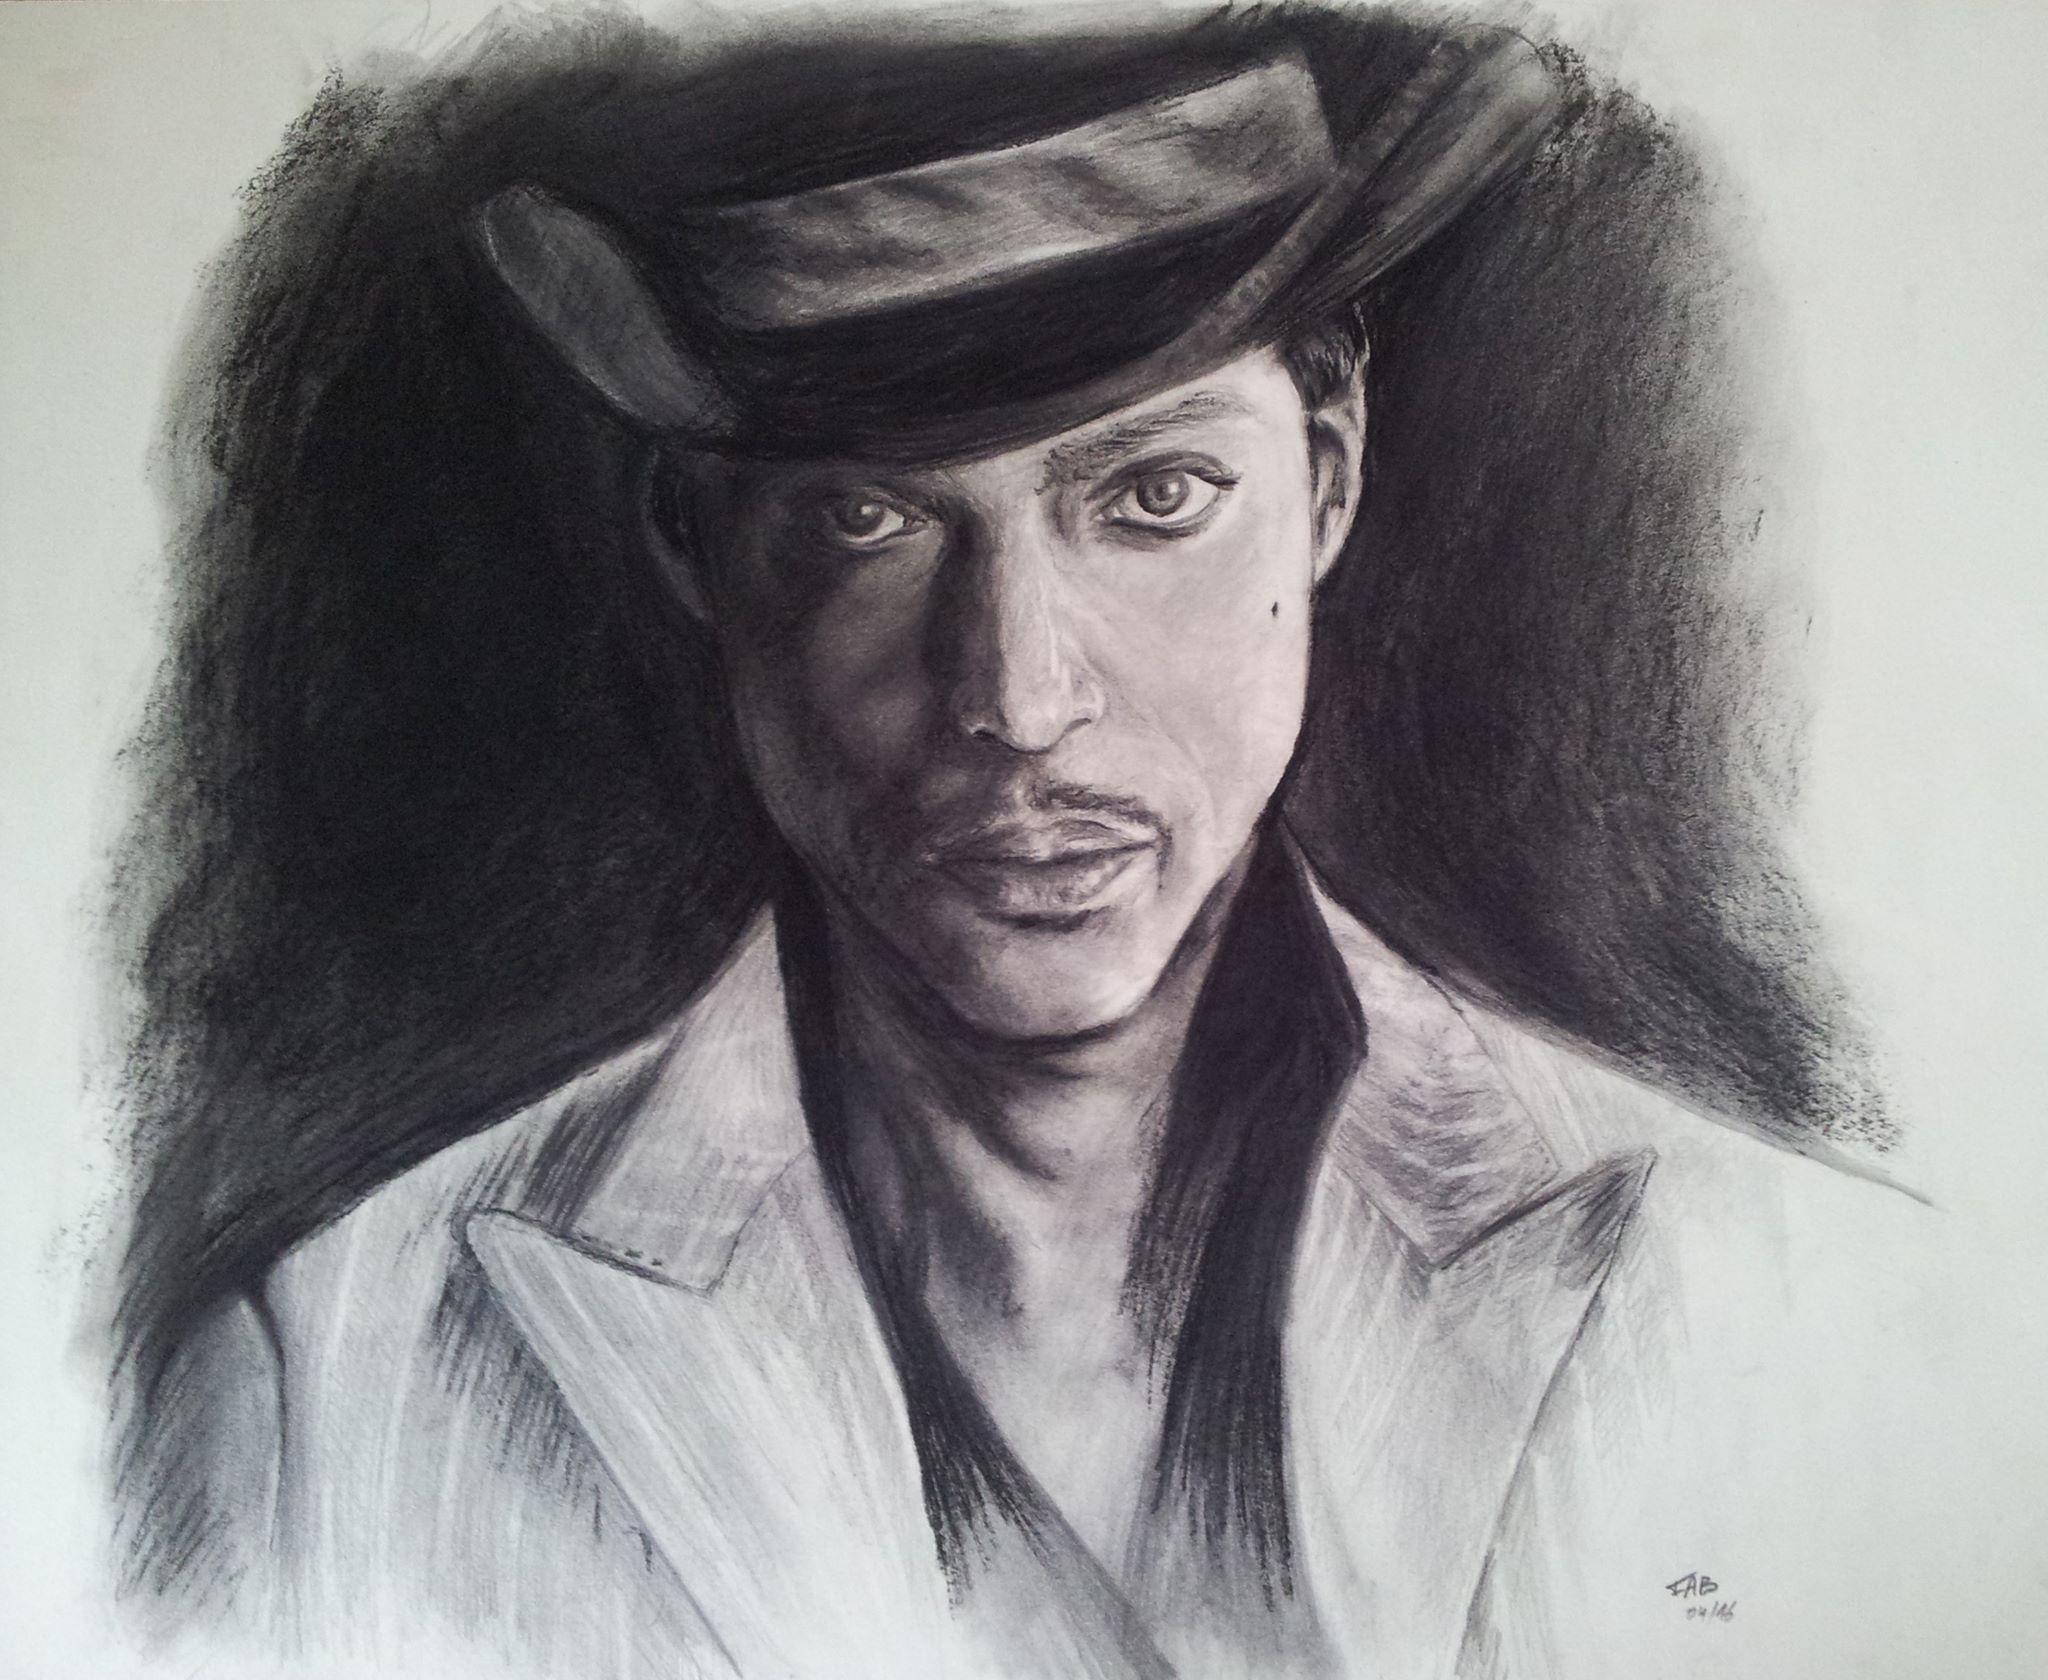 Prince portrait